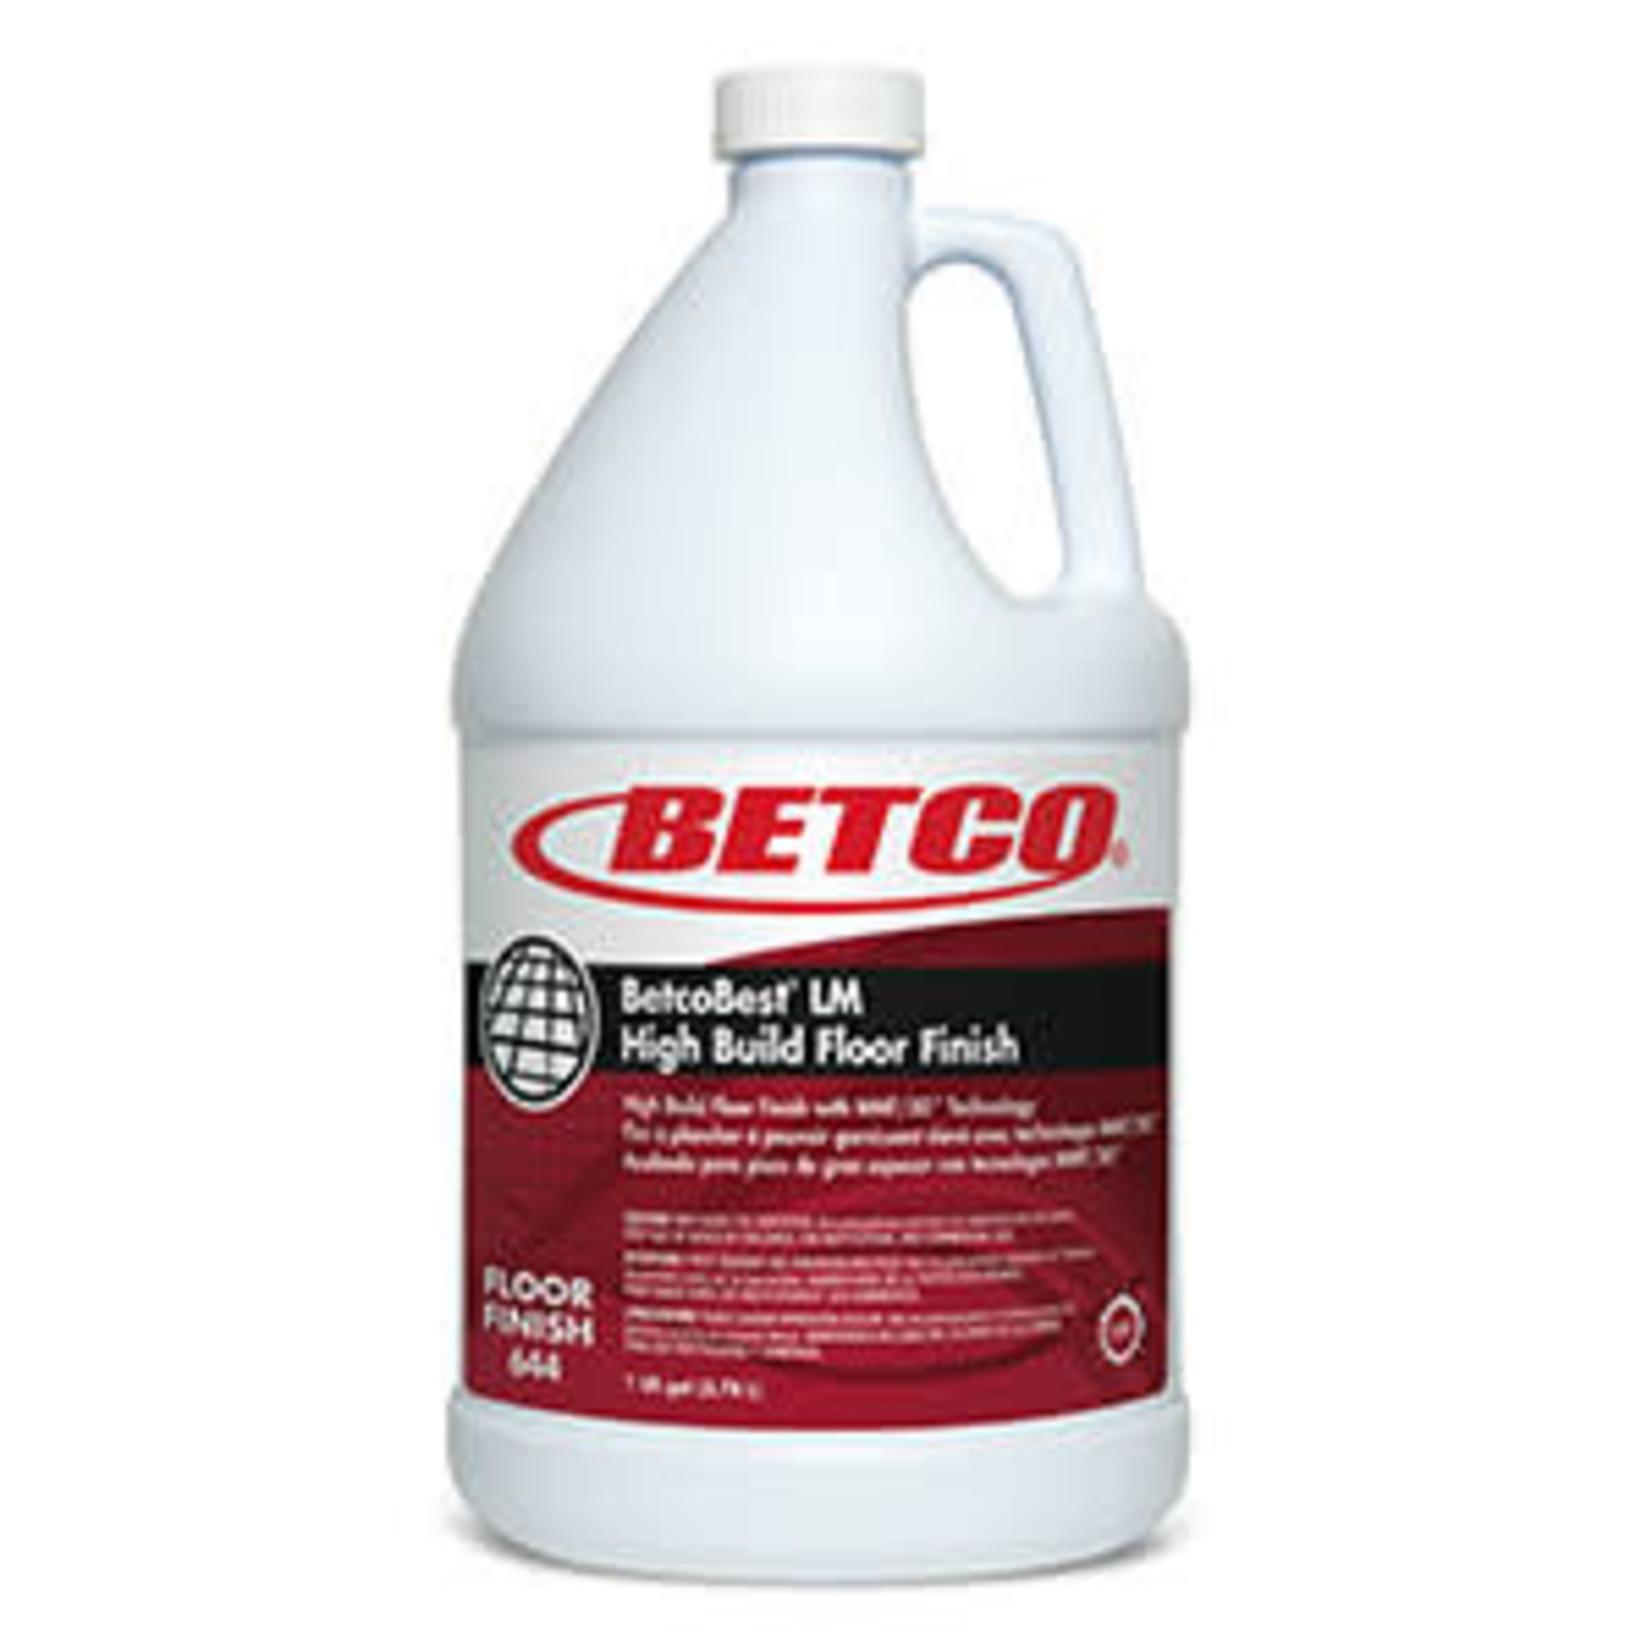 Betco BetcoBest® LM Floor Finish  - GALLON